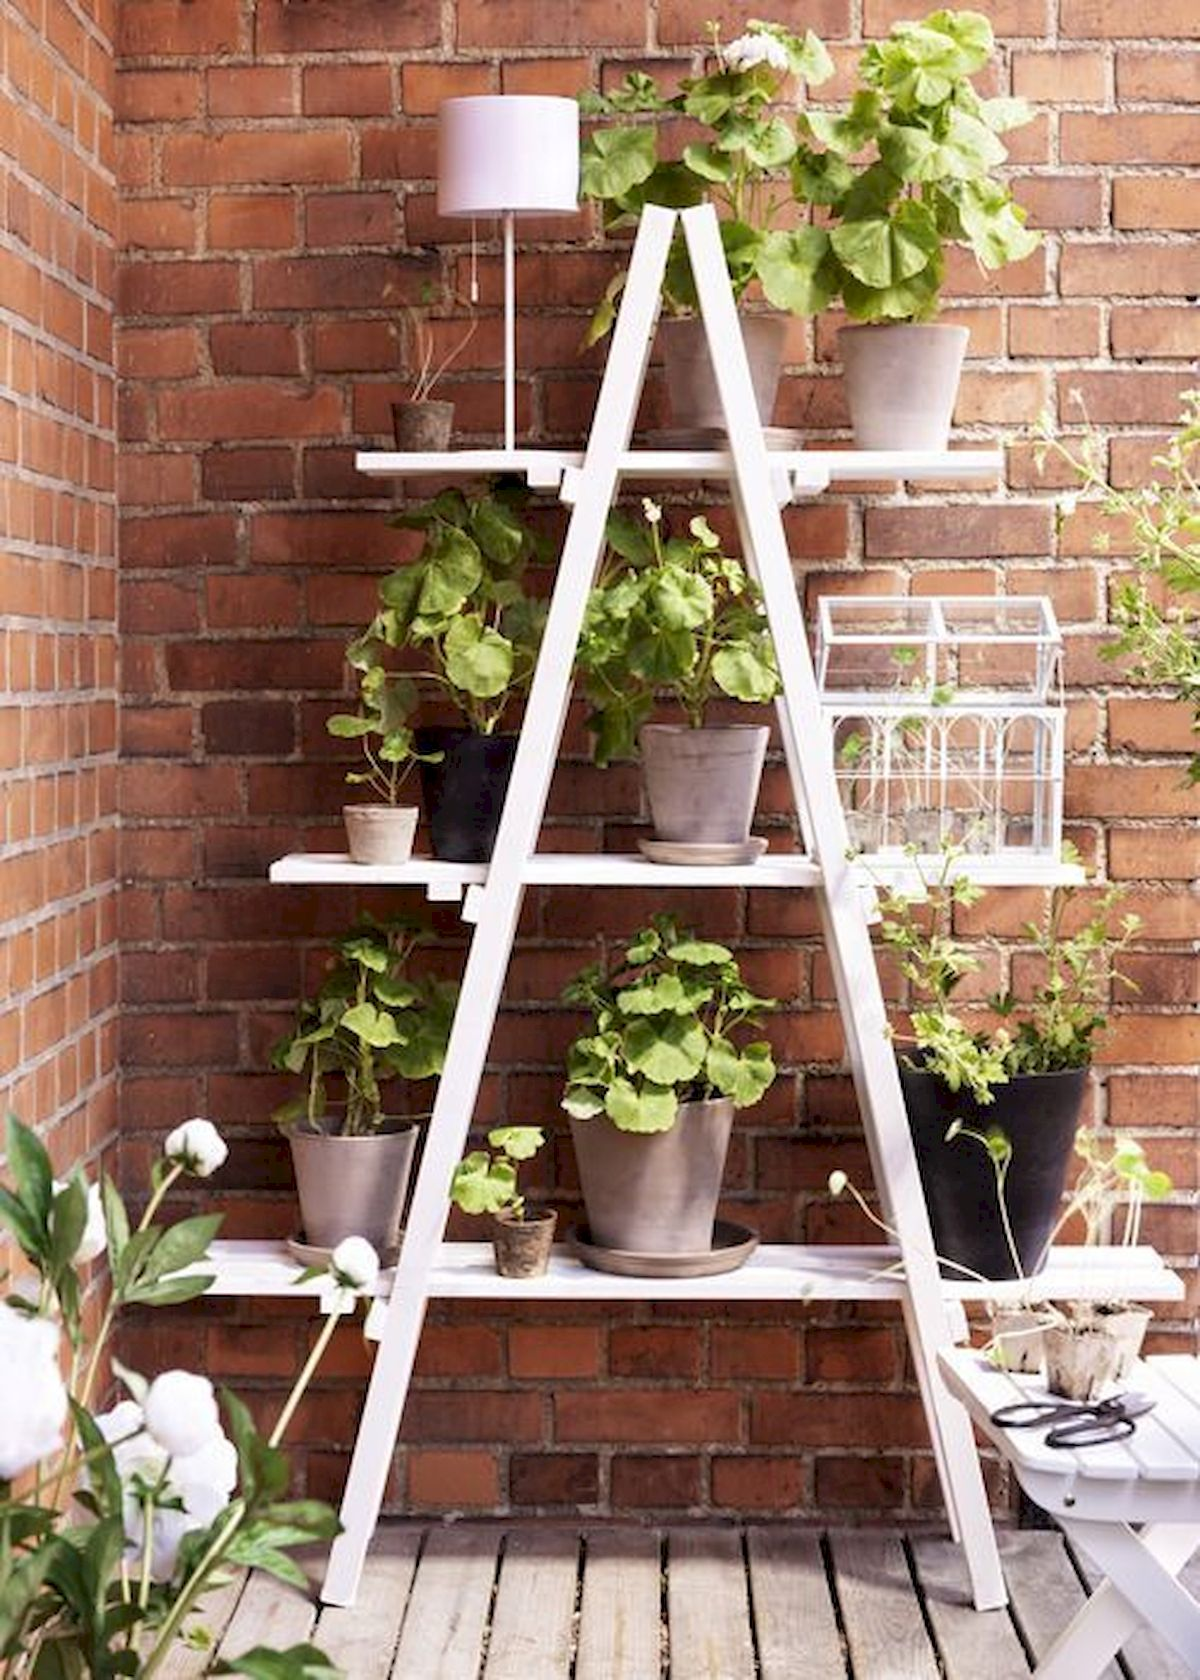 44 Creative DIY Vertical Garden Ideas To Make Your Home Beautiful (12)